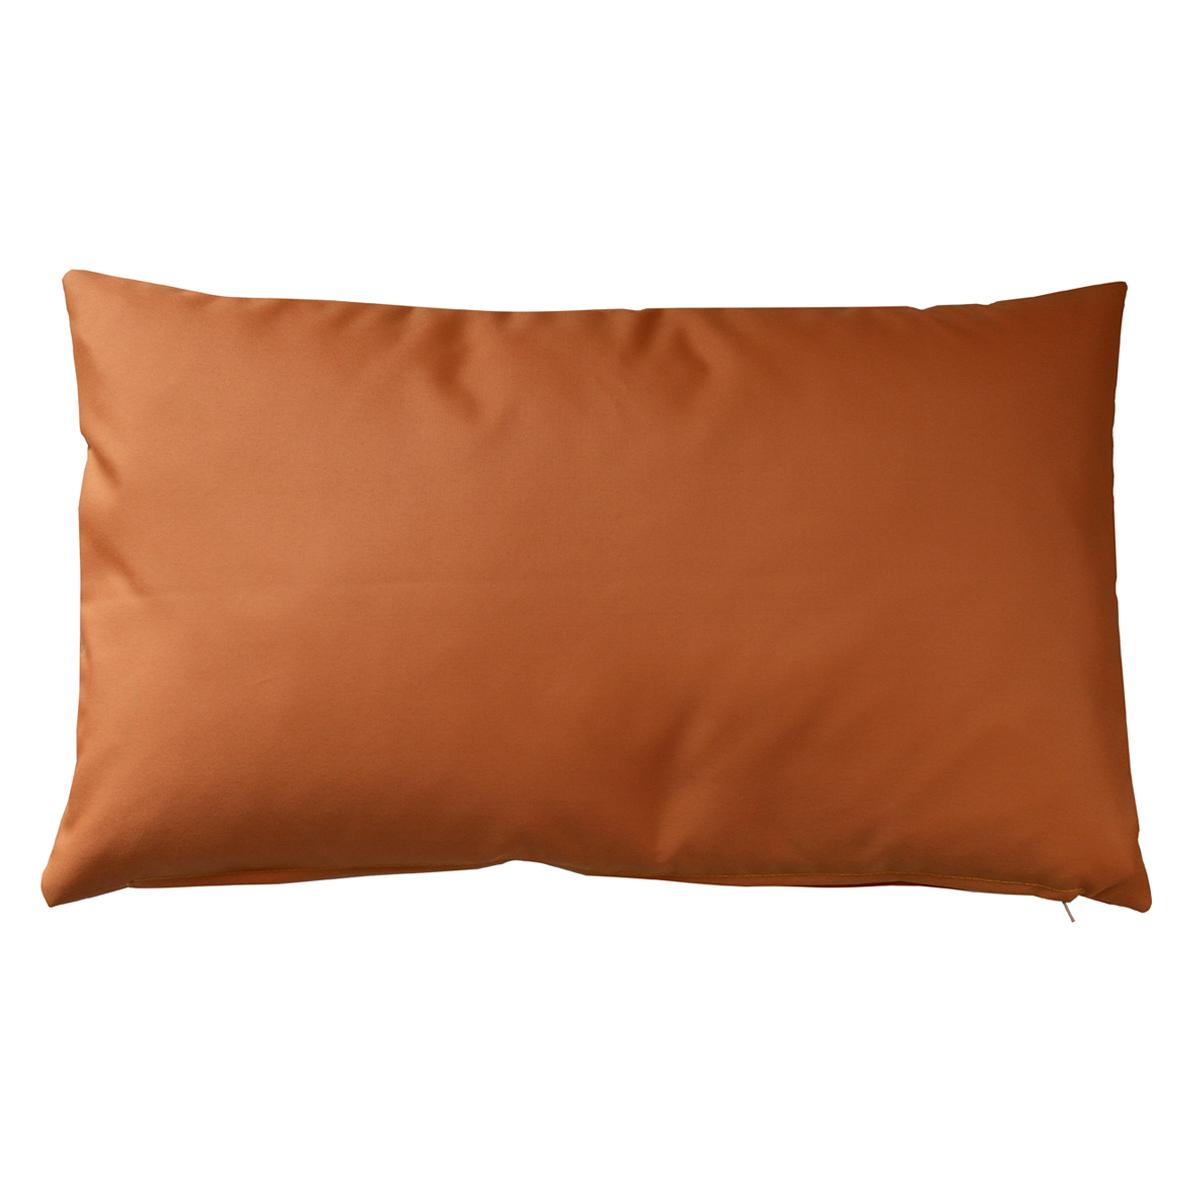 Housse de coussin d'extérieur en tissu outdoor - Orange - 30 x 50 cm